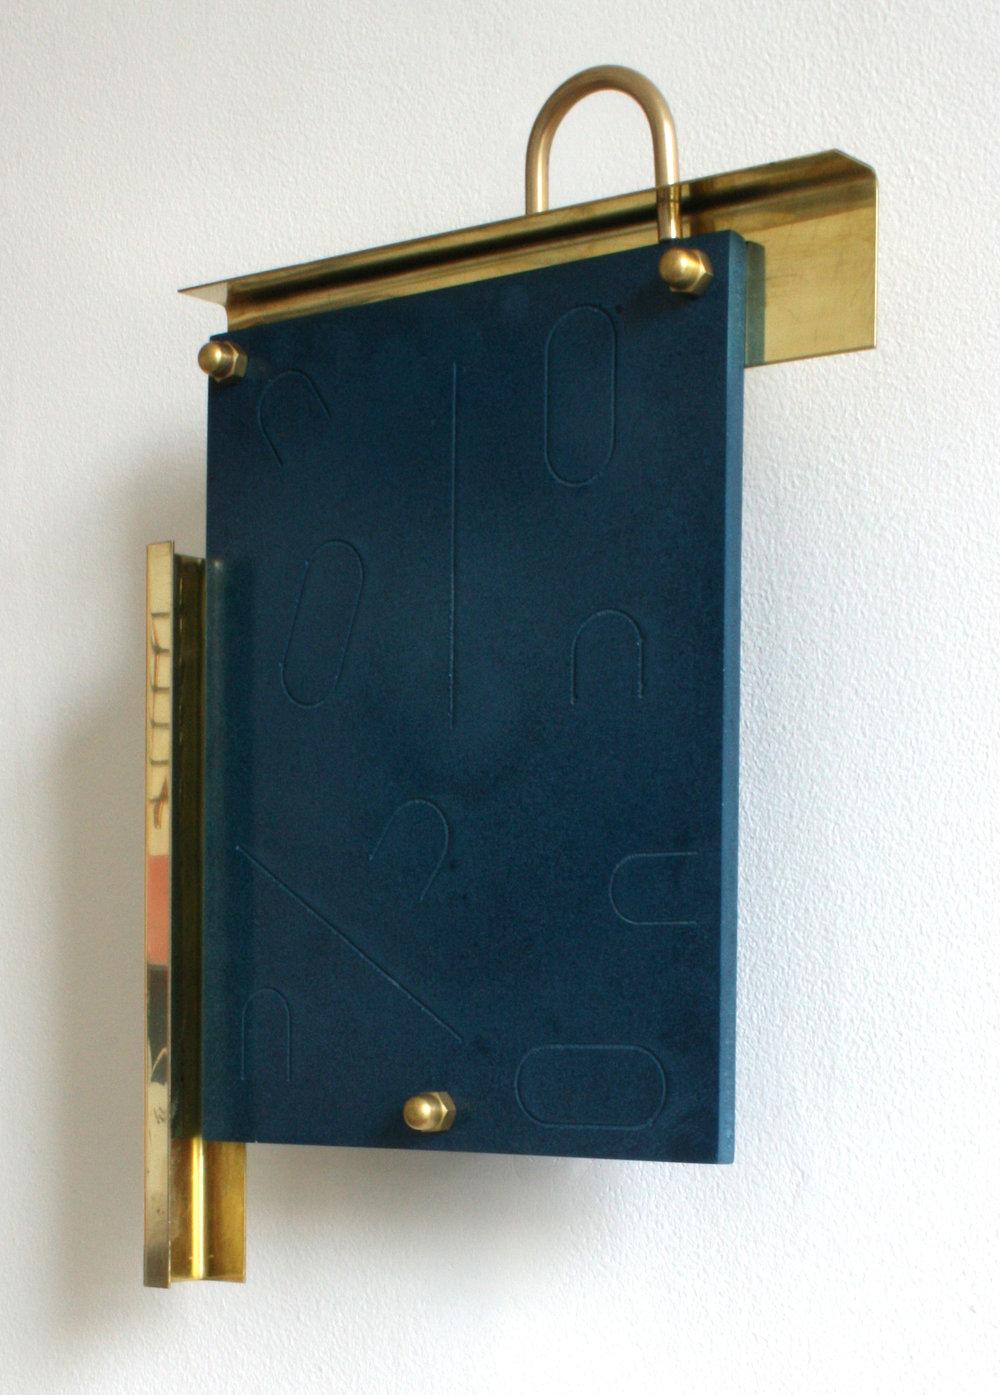 Jazz,Jesmonite and brass, 21 x 31 x 6.5 cm, 2016